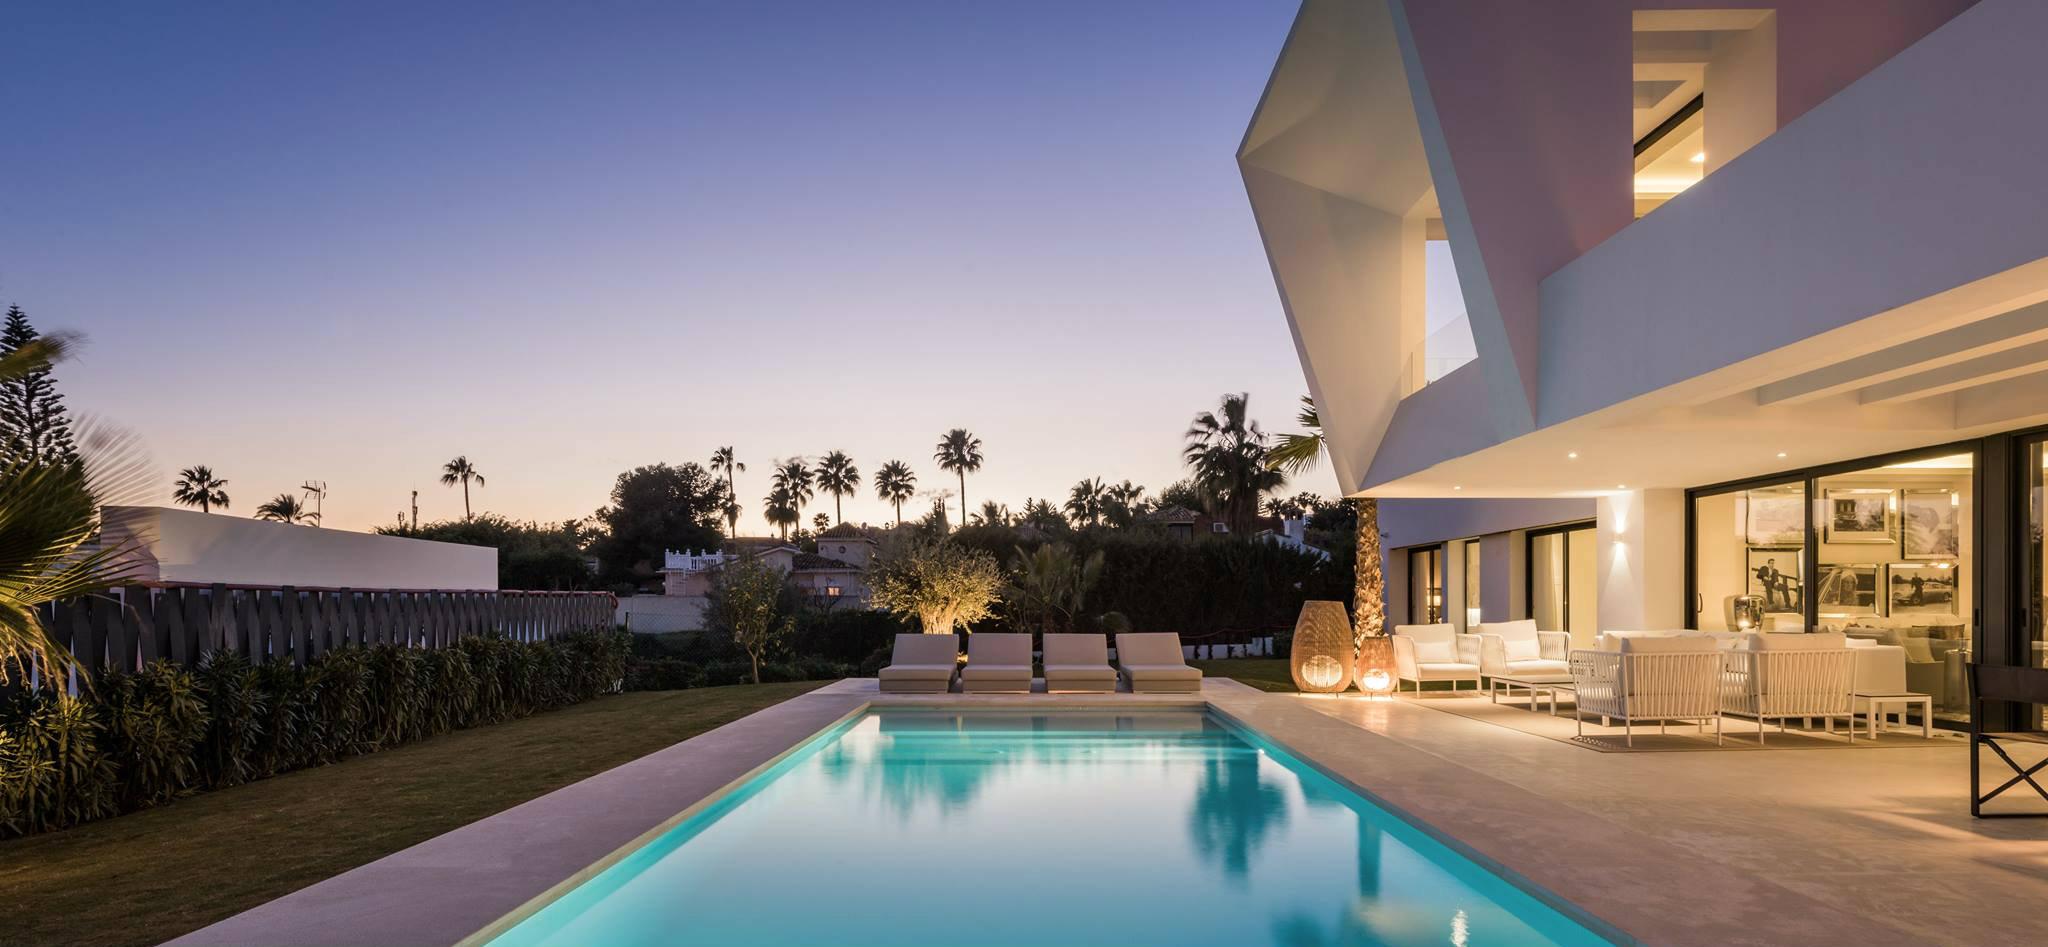 Interiorismo en Marbella: Lord Design una empresa con proyectos lujuosos interiorismo en marbella Interiorismo en Marbella: Lord Design una empresa con proyectos lujuosos 50909126 2077746339011219 8785384930004697088 n 1